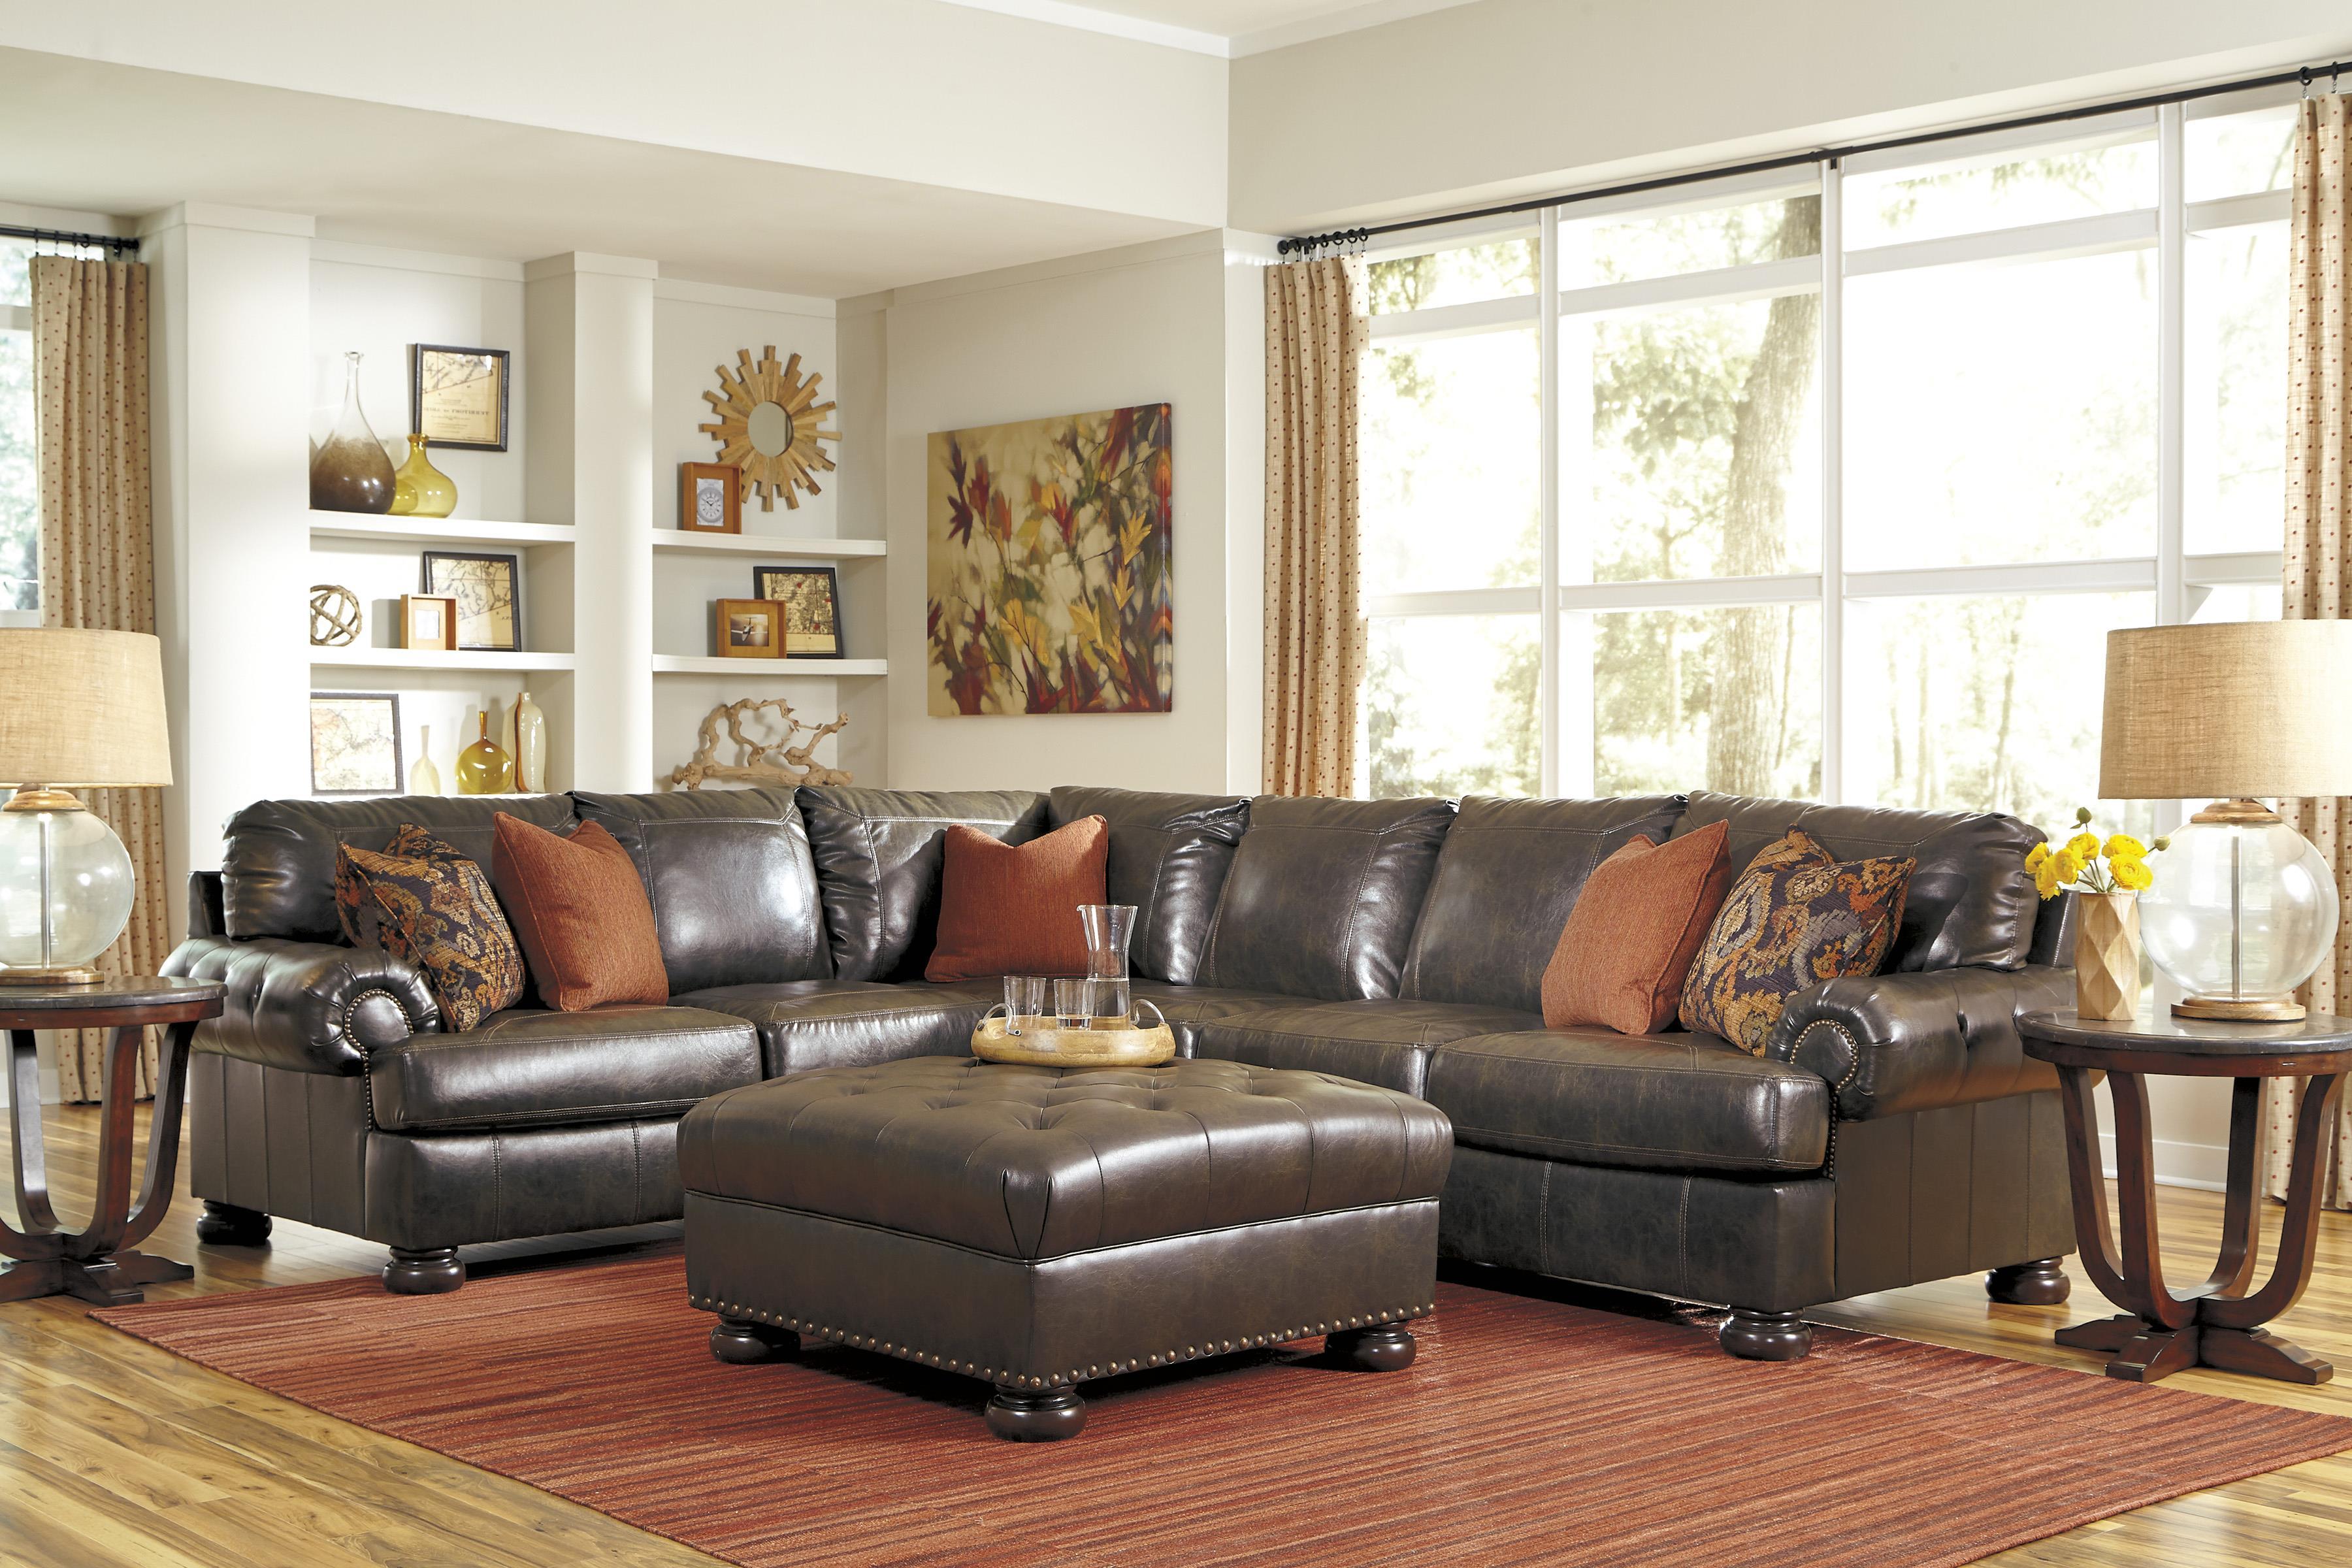 Benchcraft Nesbit DuraBlend® Stationary Living Room Group - Item Number: 31600 Living Room Group 3